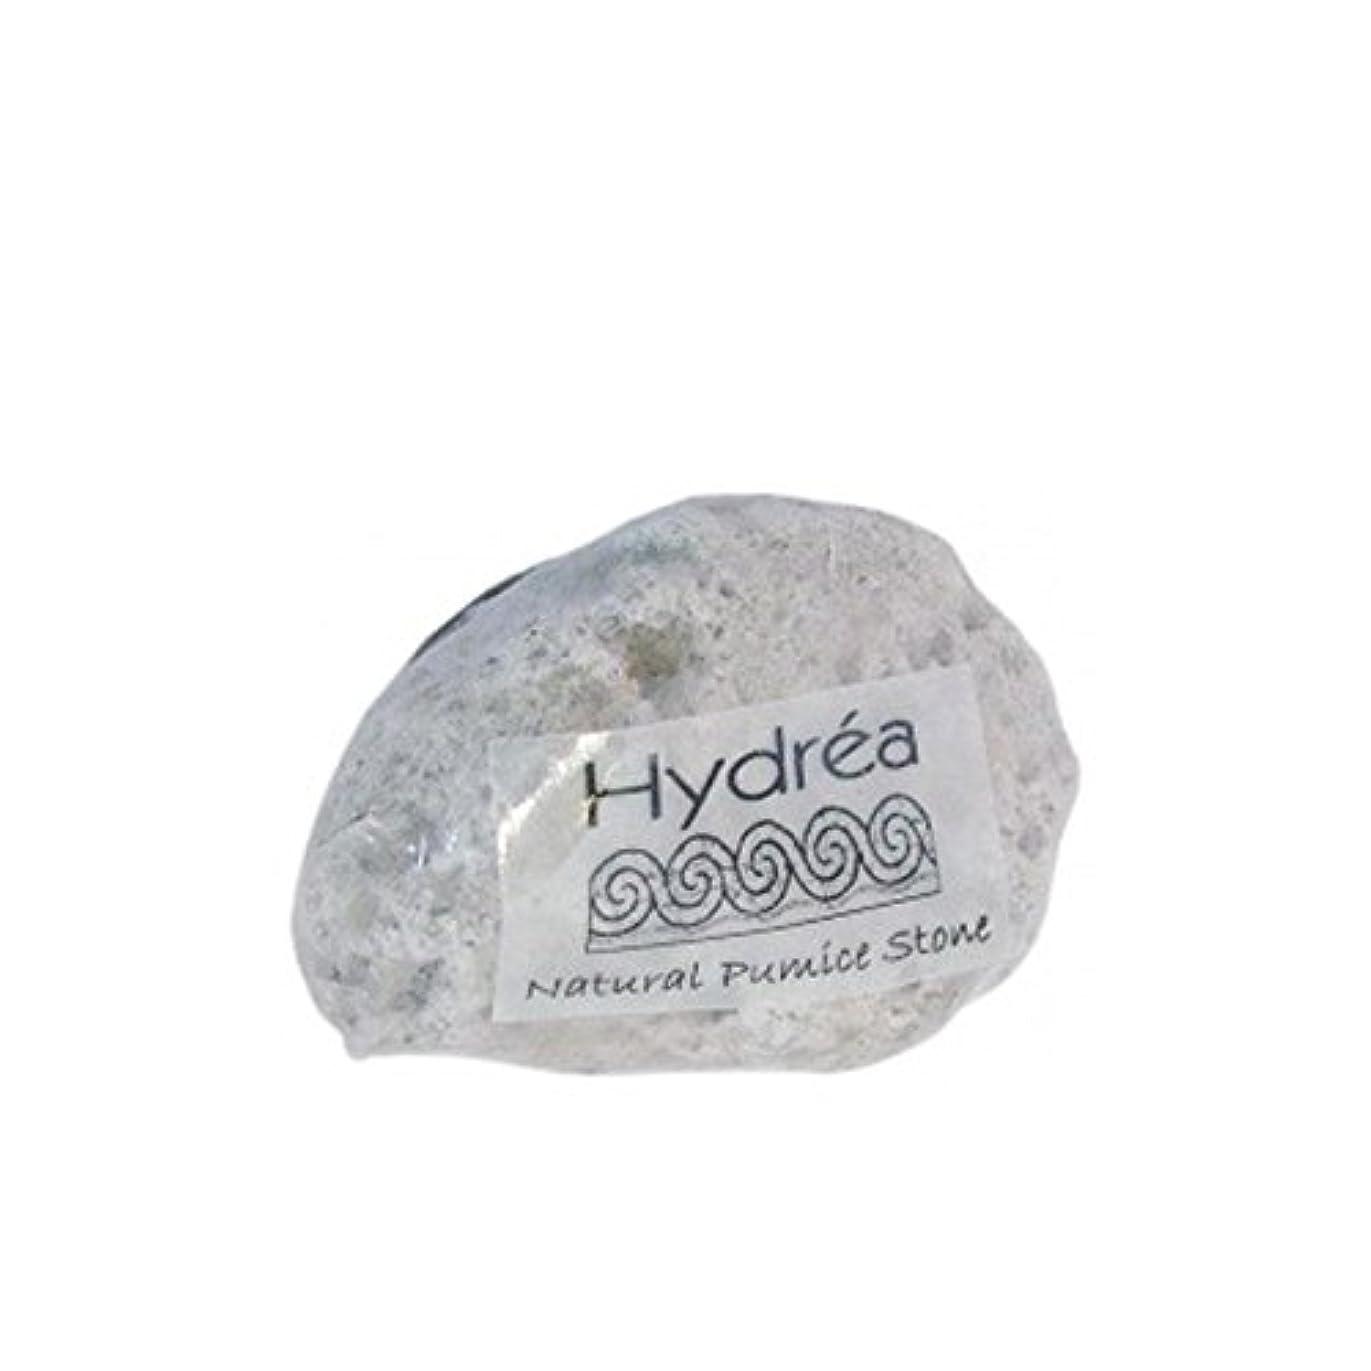 刃スチュワード路地ハイドレアロンドン - 自然軽石 x2 - Hydrea London - Natural Pumice Stone (Pack of 2) [並行輸入品]